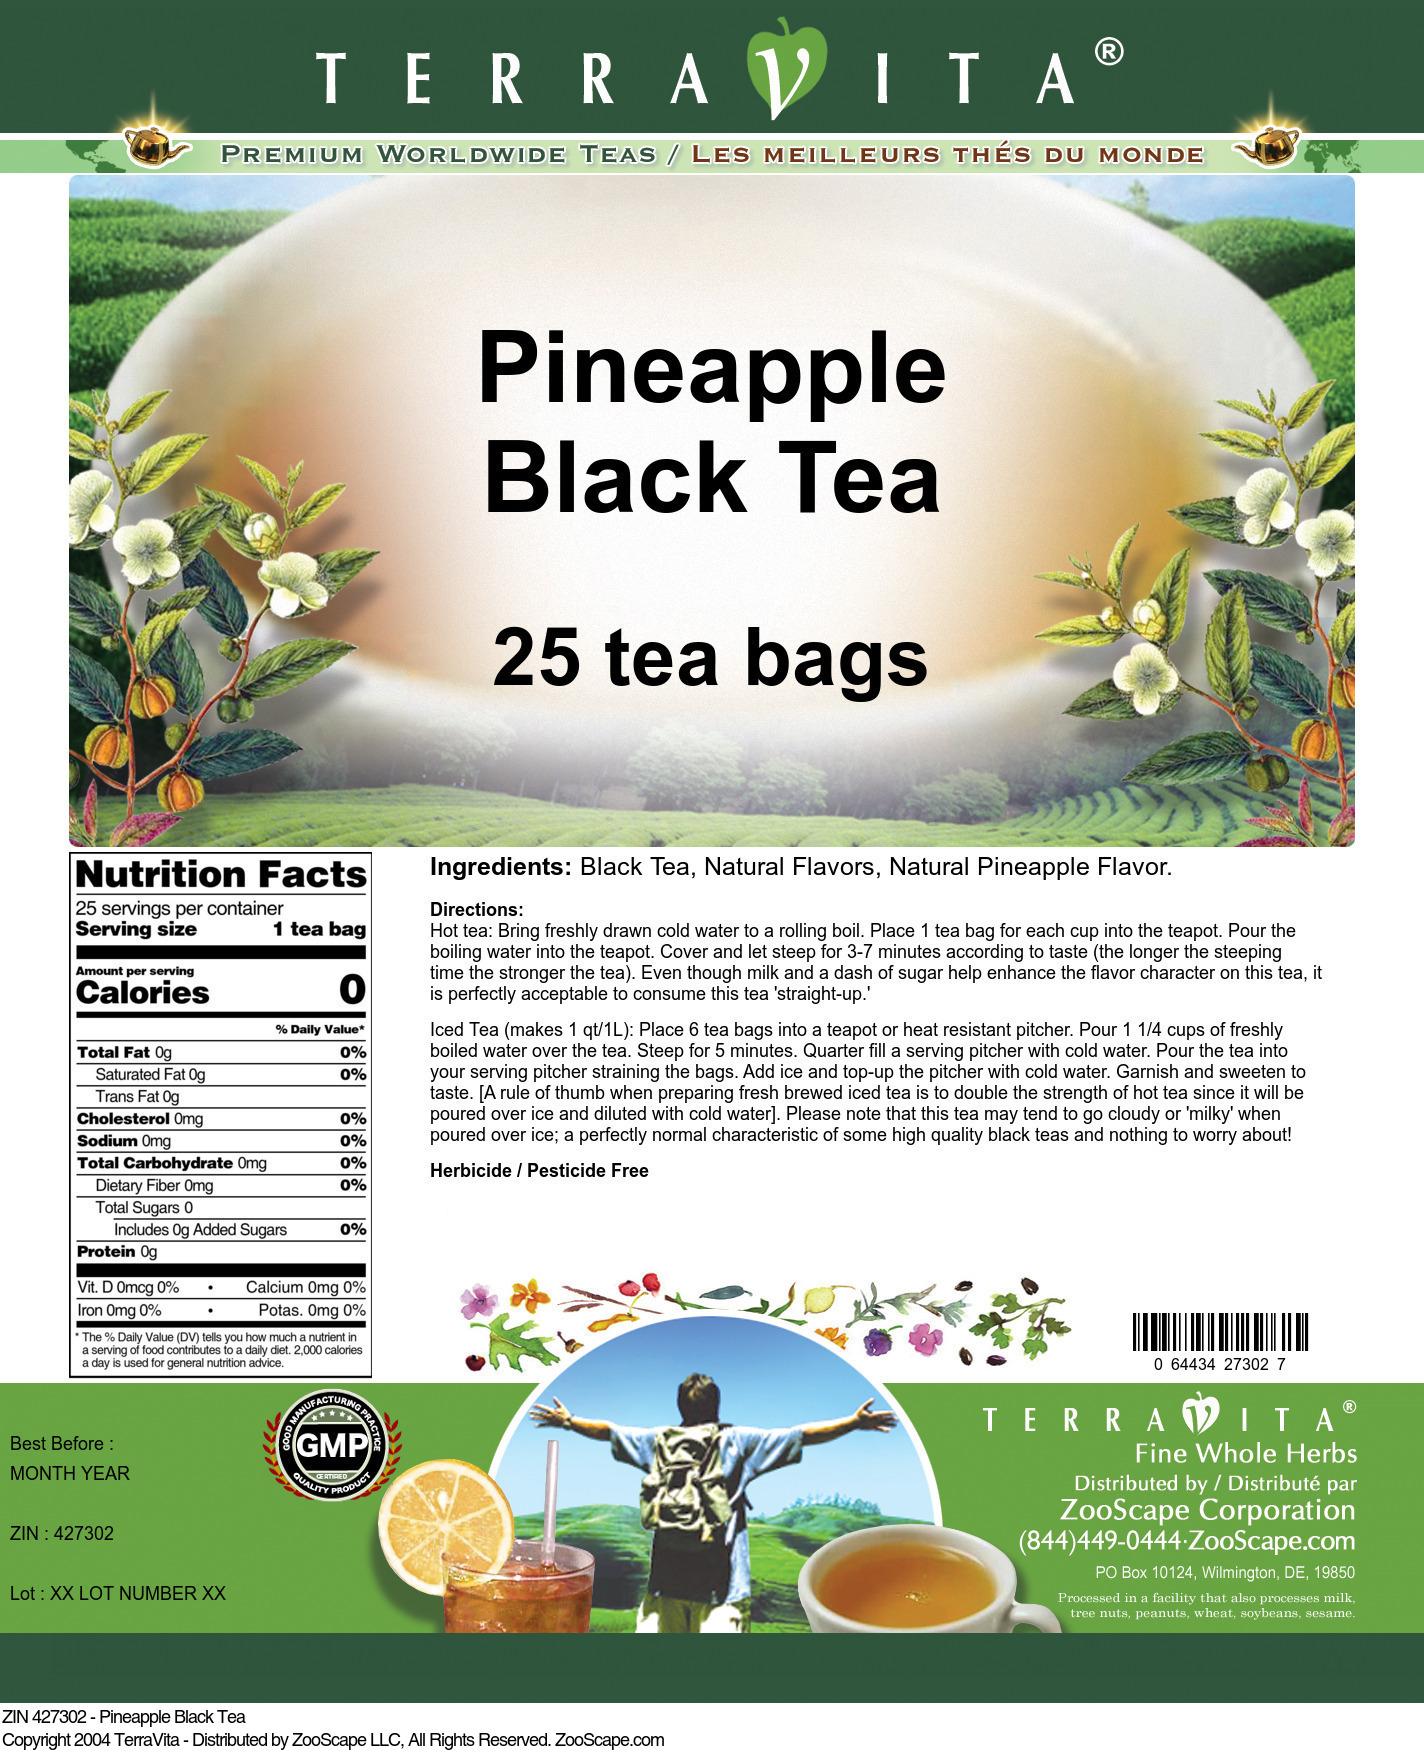 Pineapple Black Tea